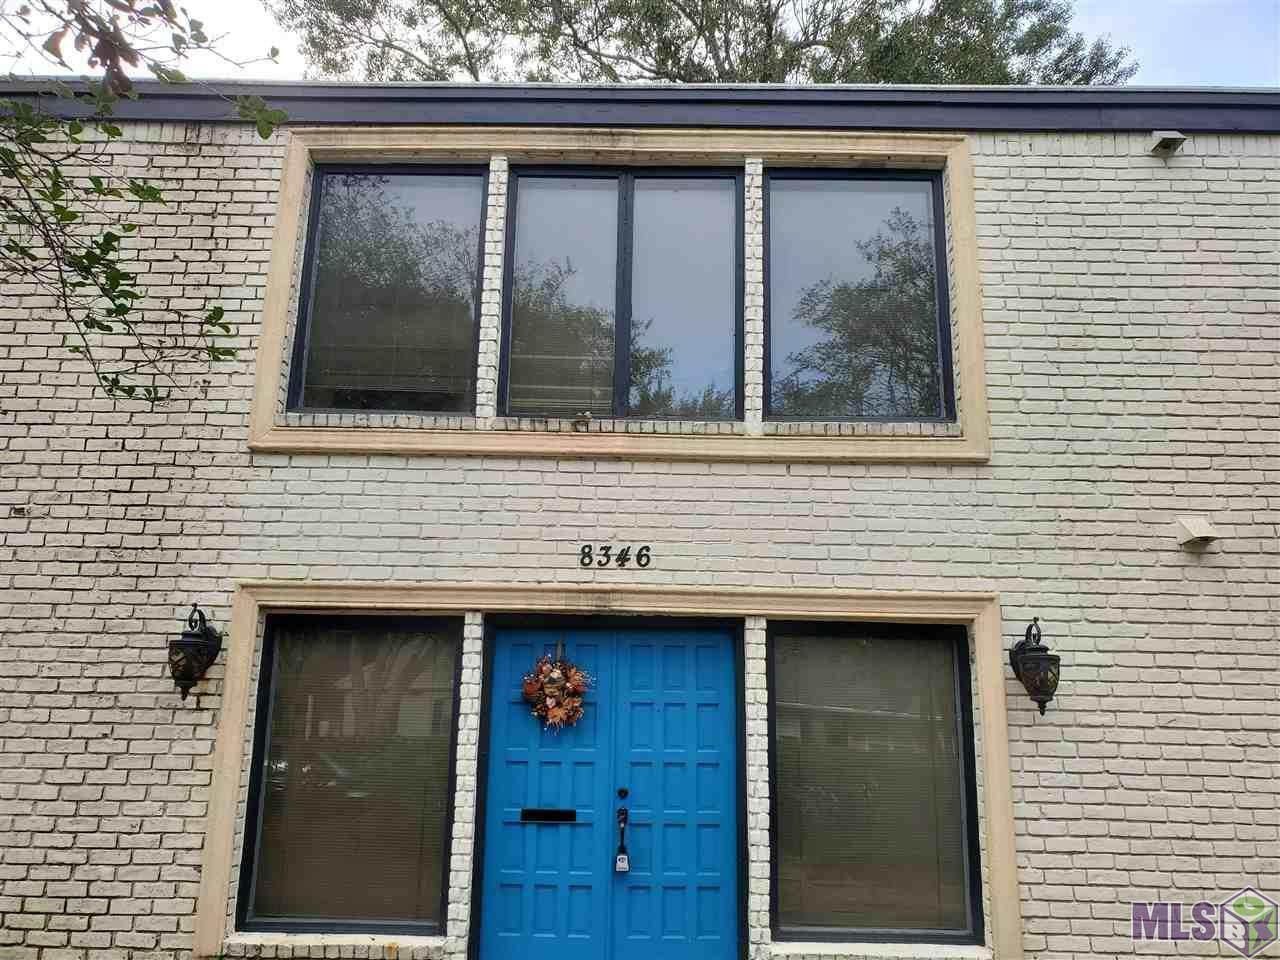 8346 Barnett Rd - Photo 1